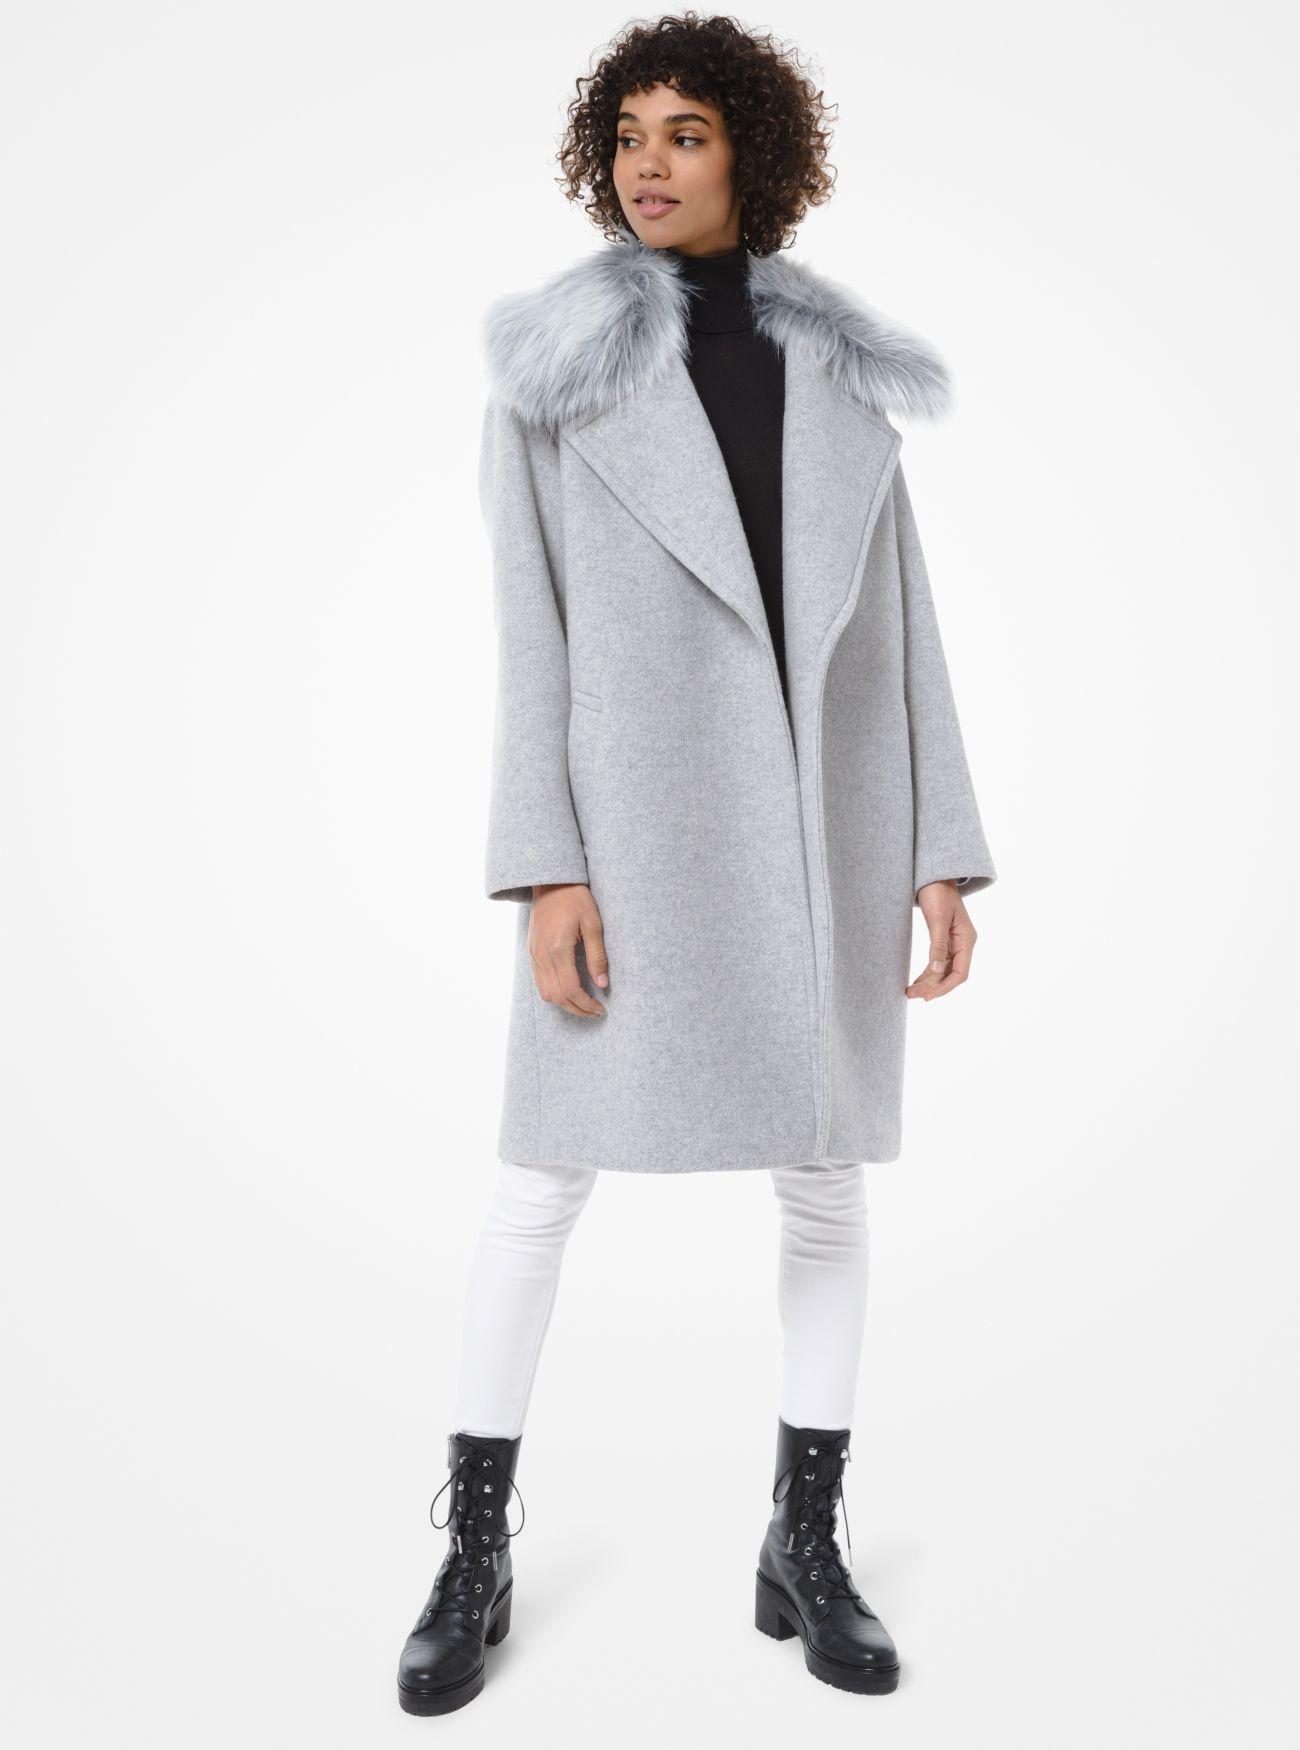 Cappotto in misto lana con finitura in pelliccia sintetica